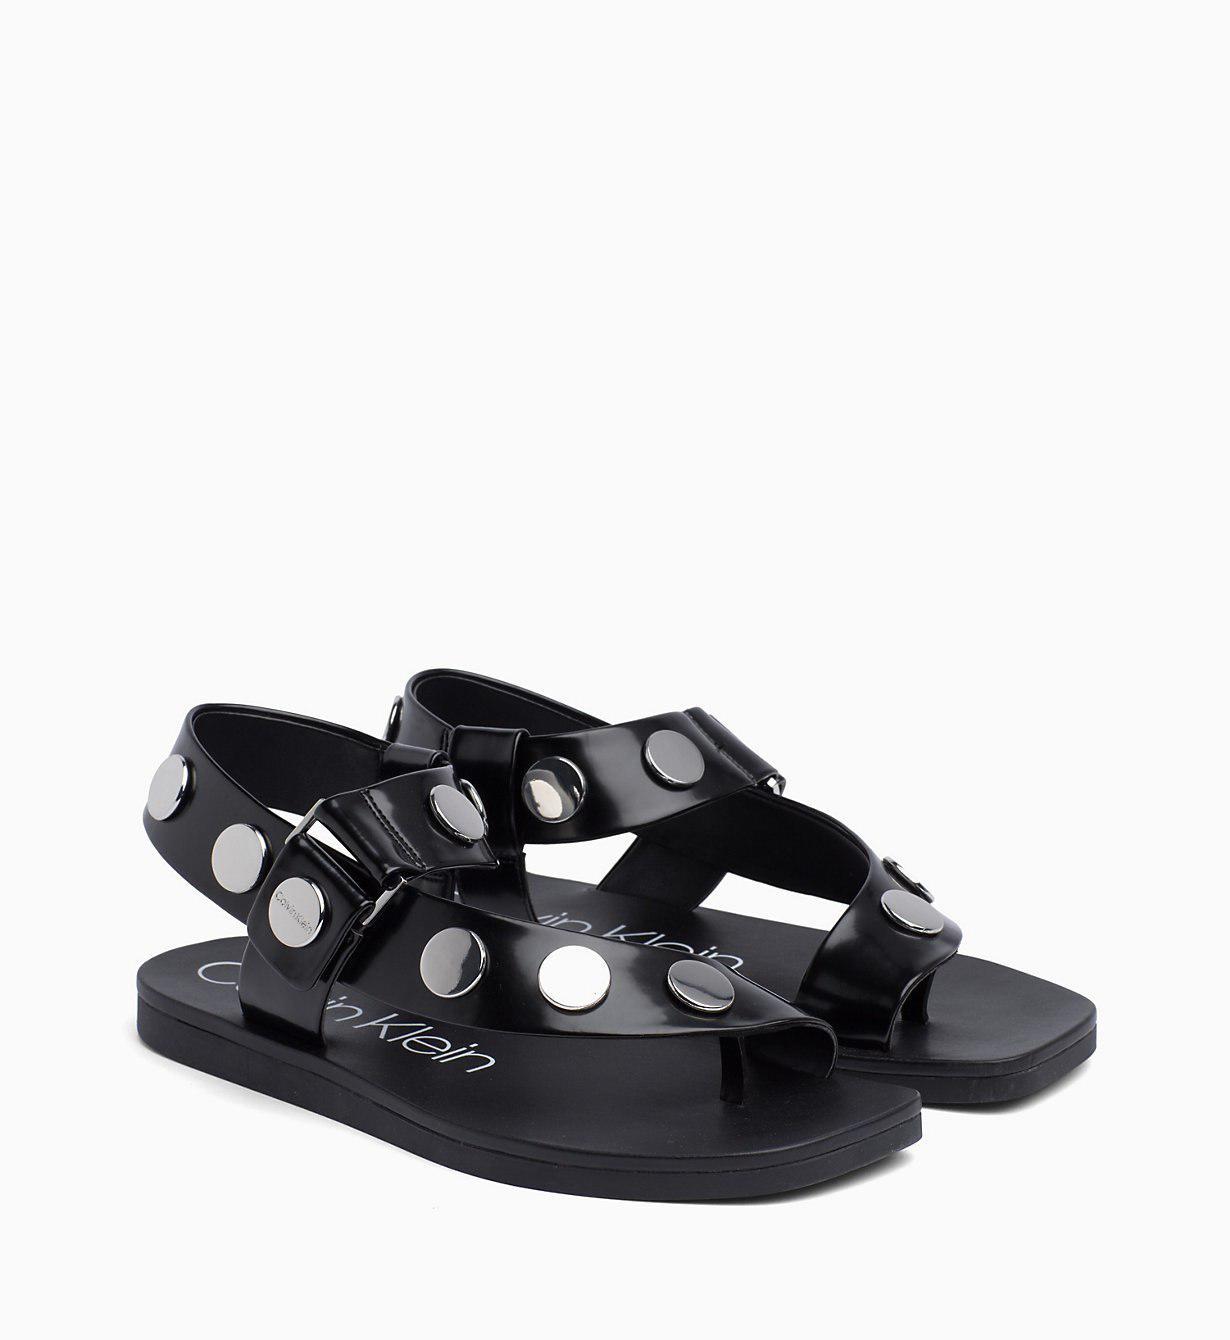 Calvin Klein Studded Sandals in Black